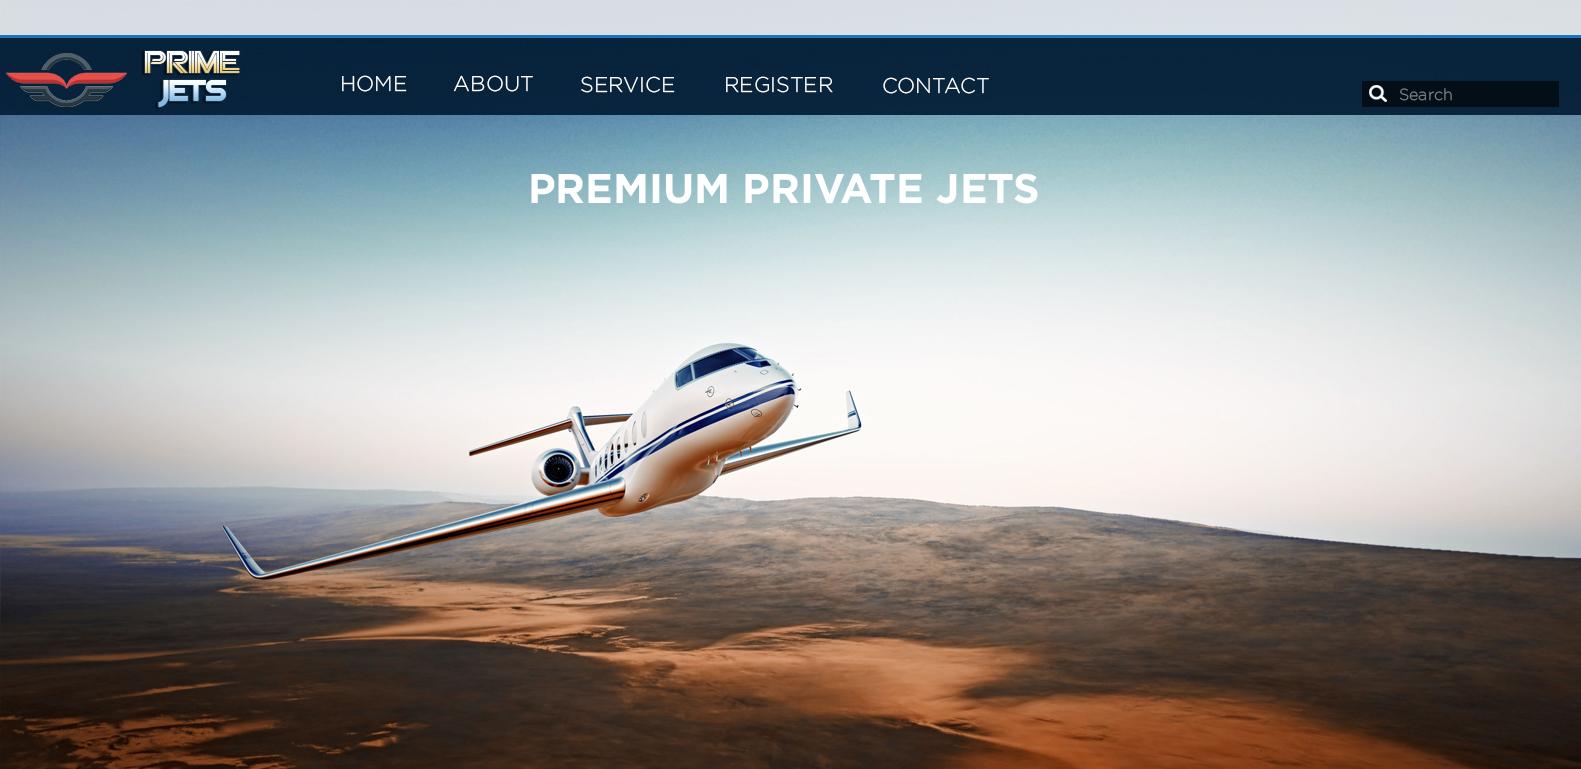 prime jets